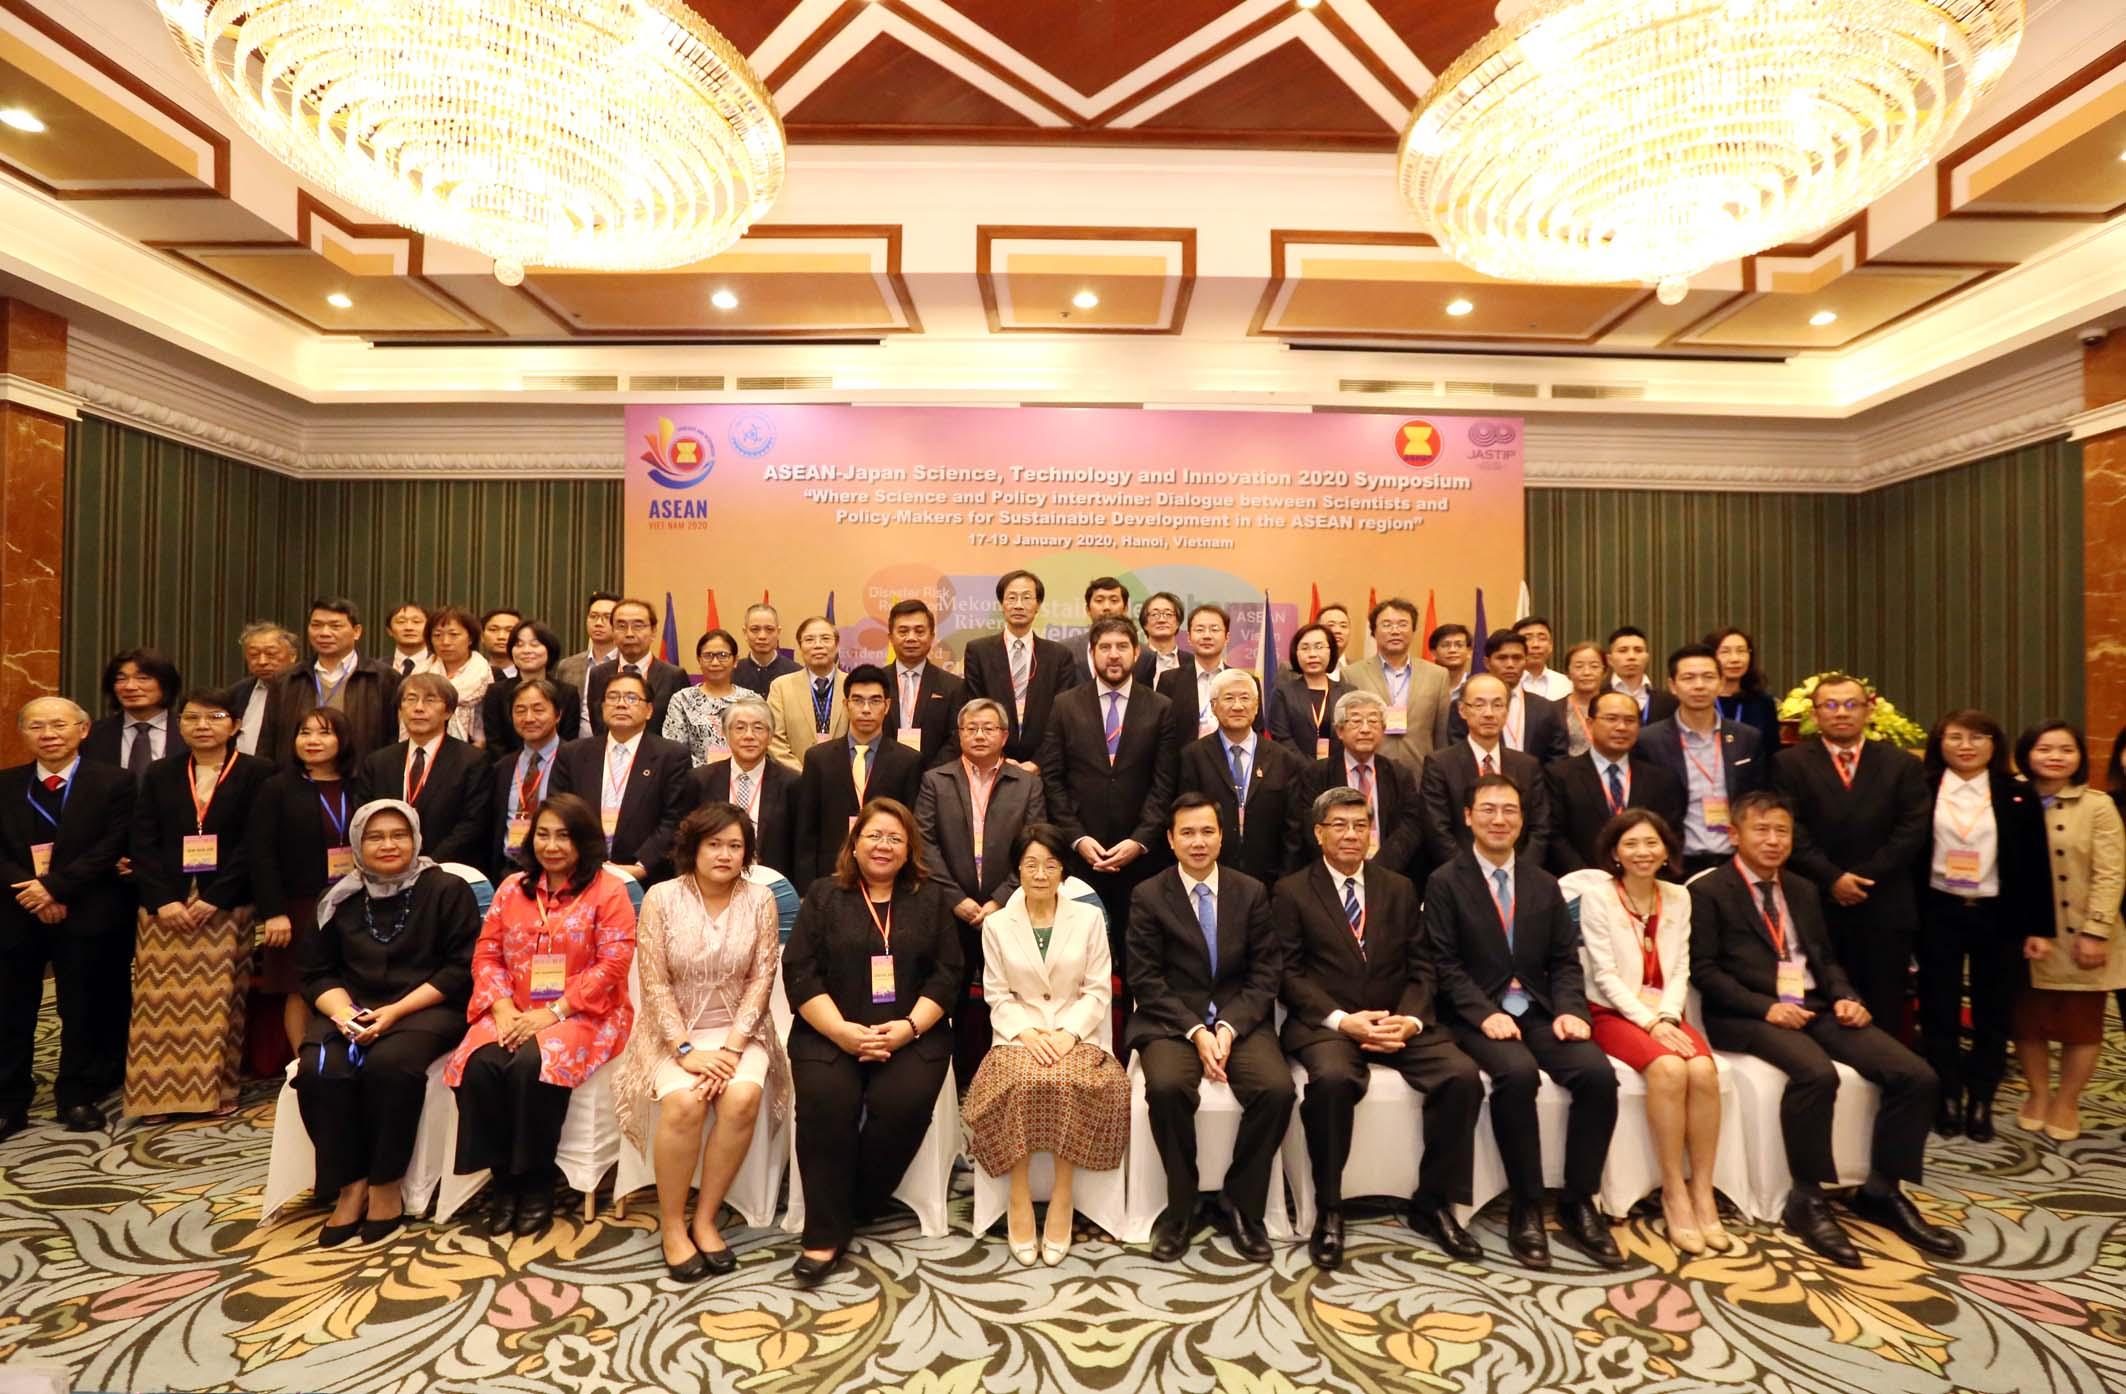 Gắn kết khoa học và chính sách trong ASEAN